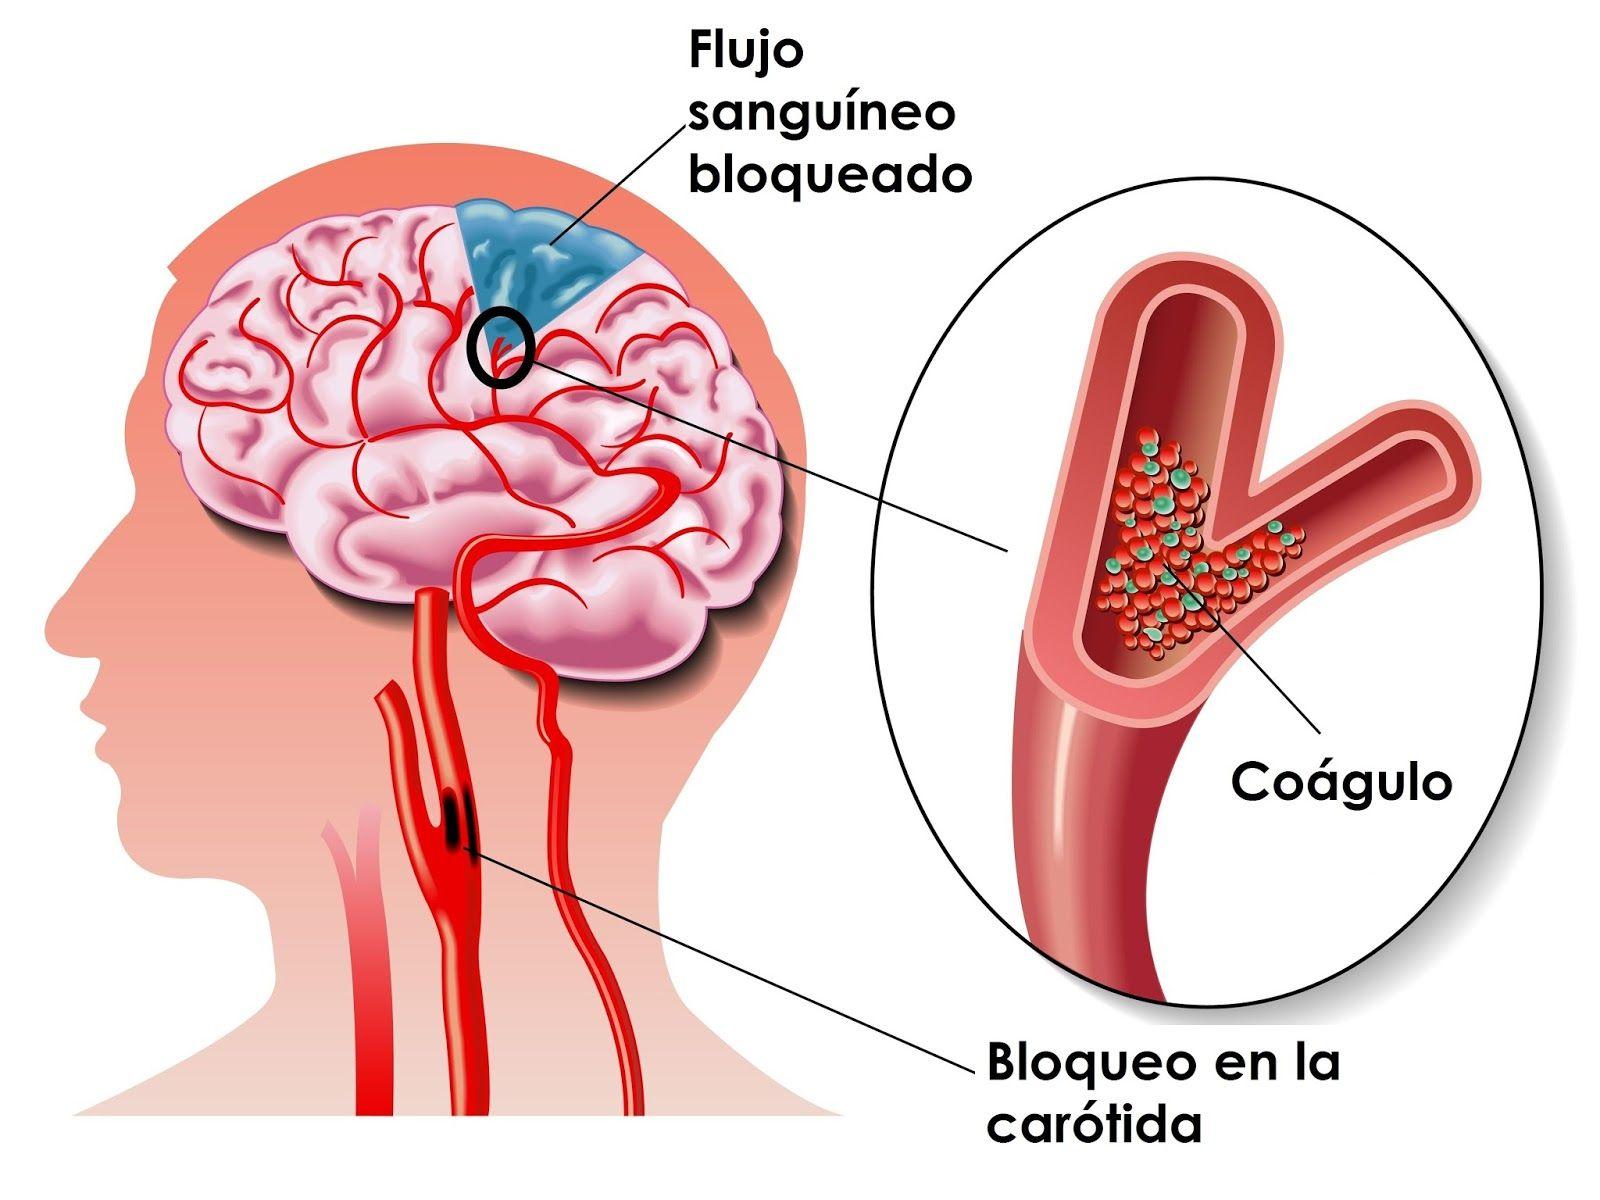 Consejos Utiles Positivos: Conoce las señales de un derrame cerebral